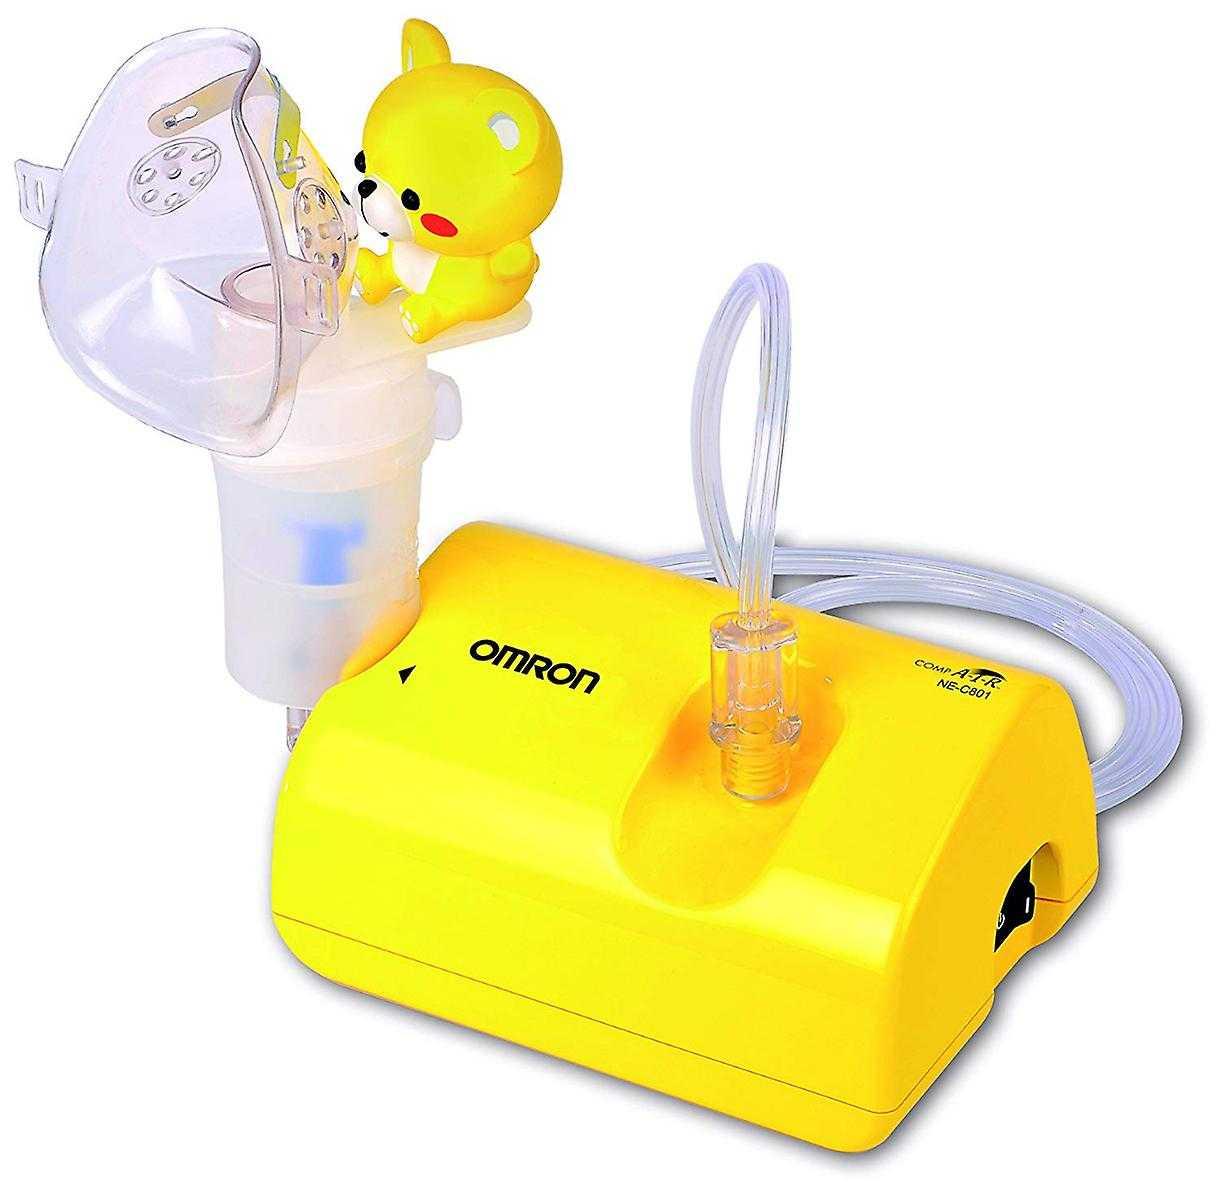 Компрессорный небулайзер: какой лучше выбрать ингалятор для детей и взрослых, детские модели, как пользоваться, принцип работы